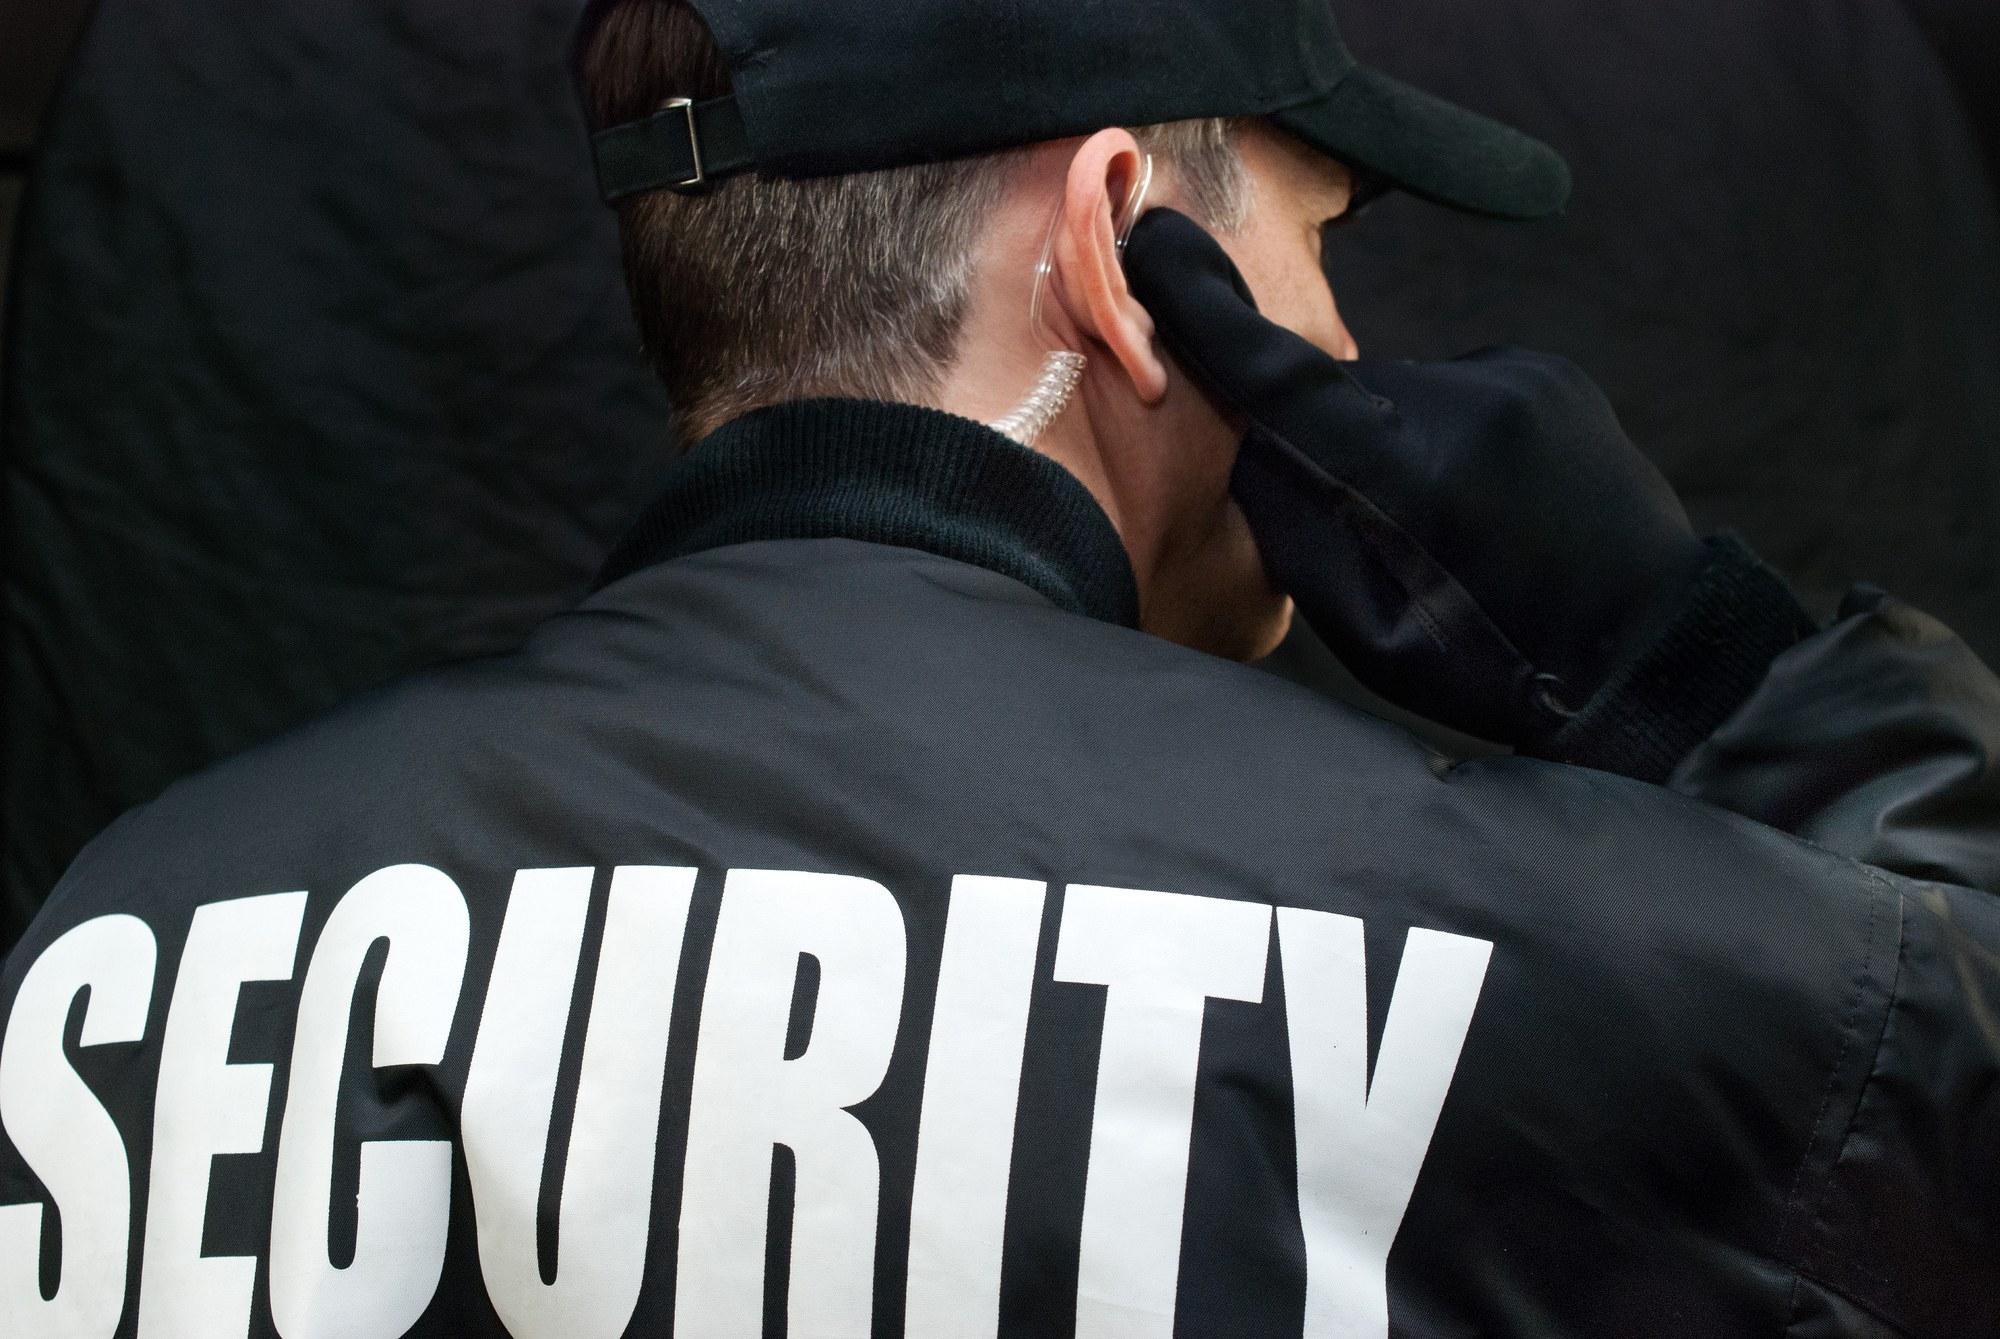 Sicherheitsdienste, Agentur für Sicherheit und Brandschutz, Brandwache, Wachdienst, Objektschutz Frankfurt